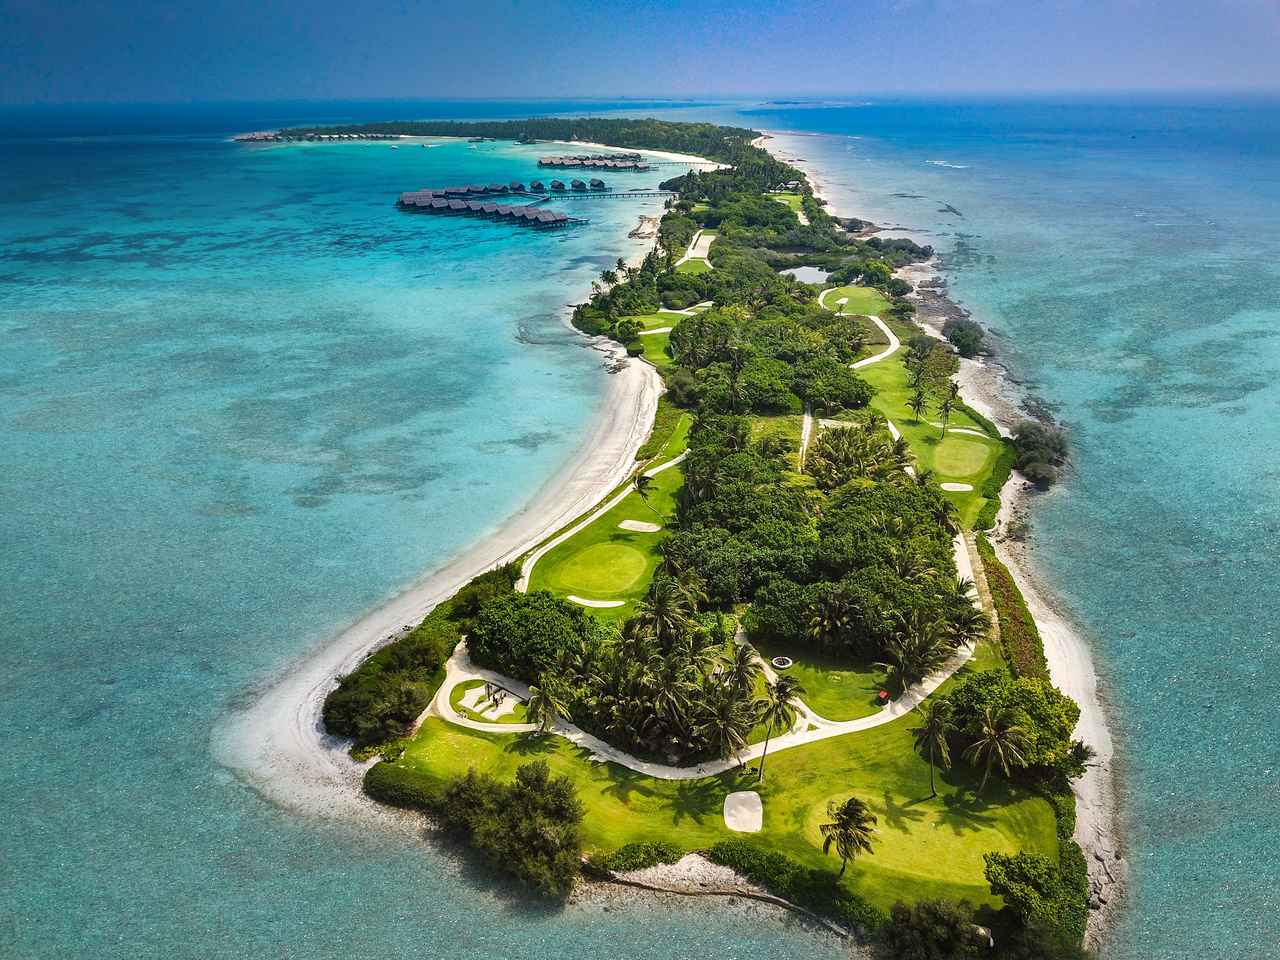 画像1: サンゴ礁に囲まれた9ホールのゴルフコース